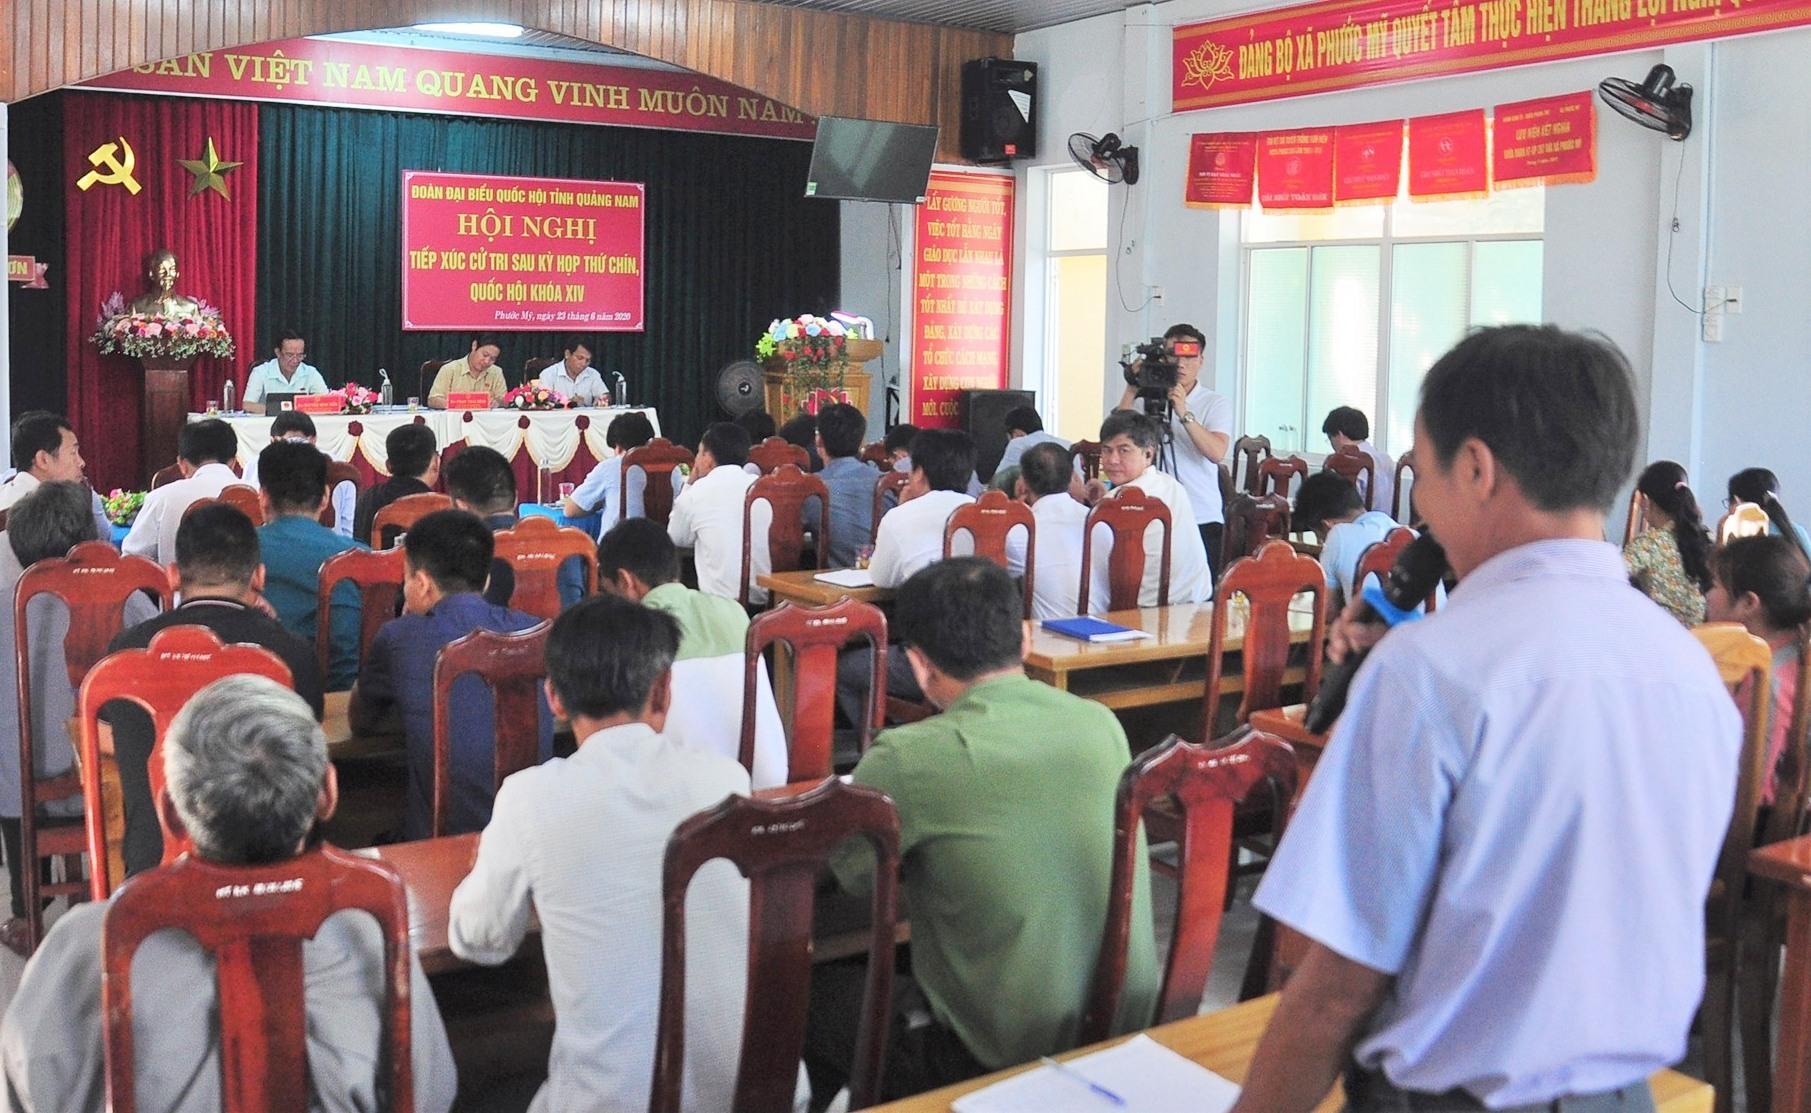 Cử tri các xã Phước Mỹ, Phước Năng, Phước Đức (Phước Sơn) tham dự buổi tiếp xúc cử tri của Đoàn ĐBQH tỉnh. Ảnh: VINH ANH